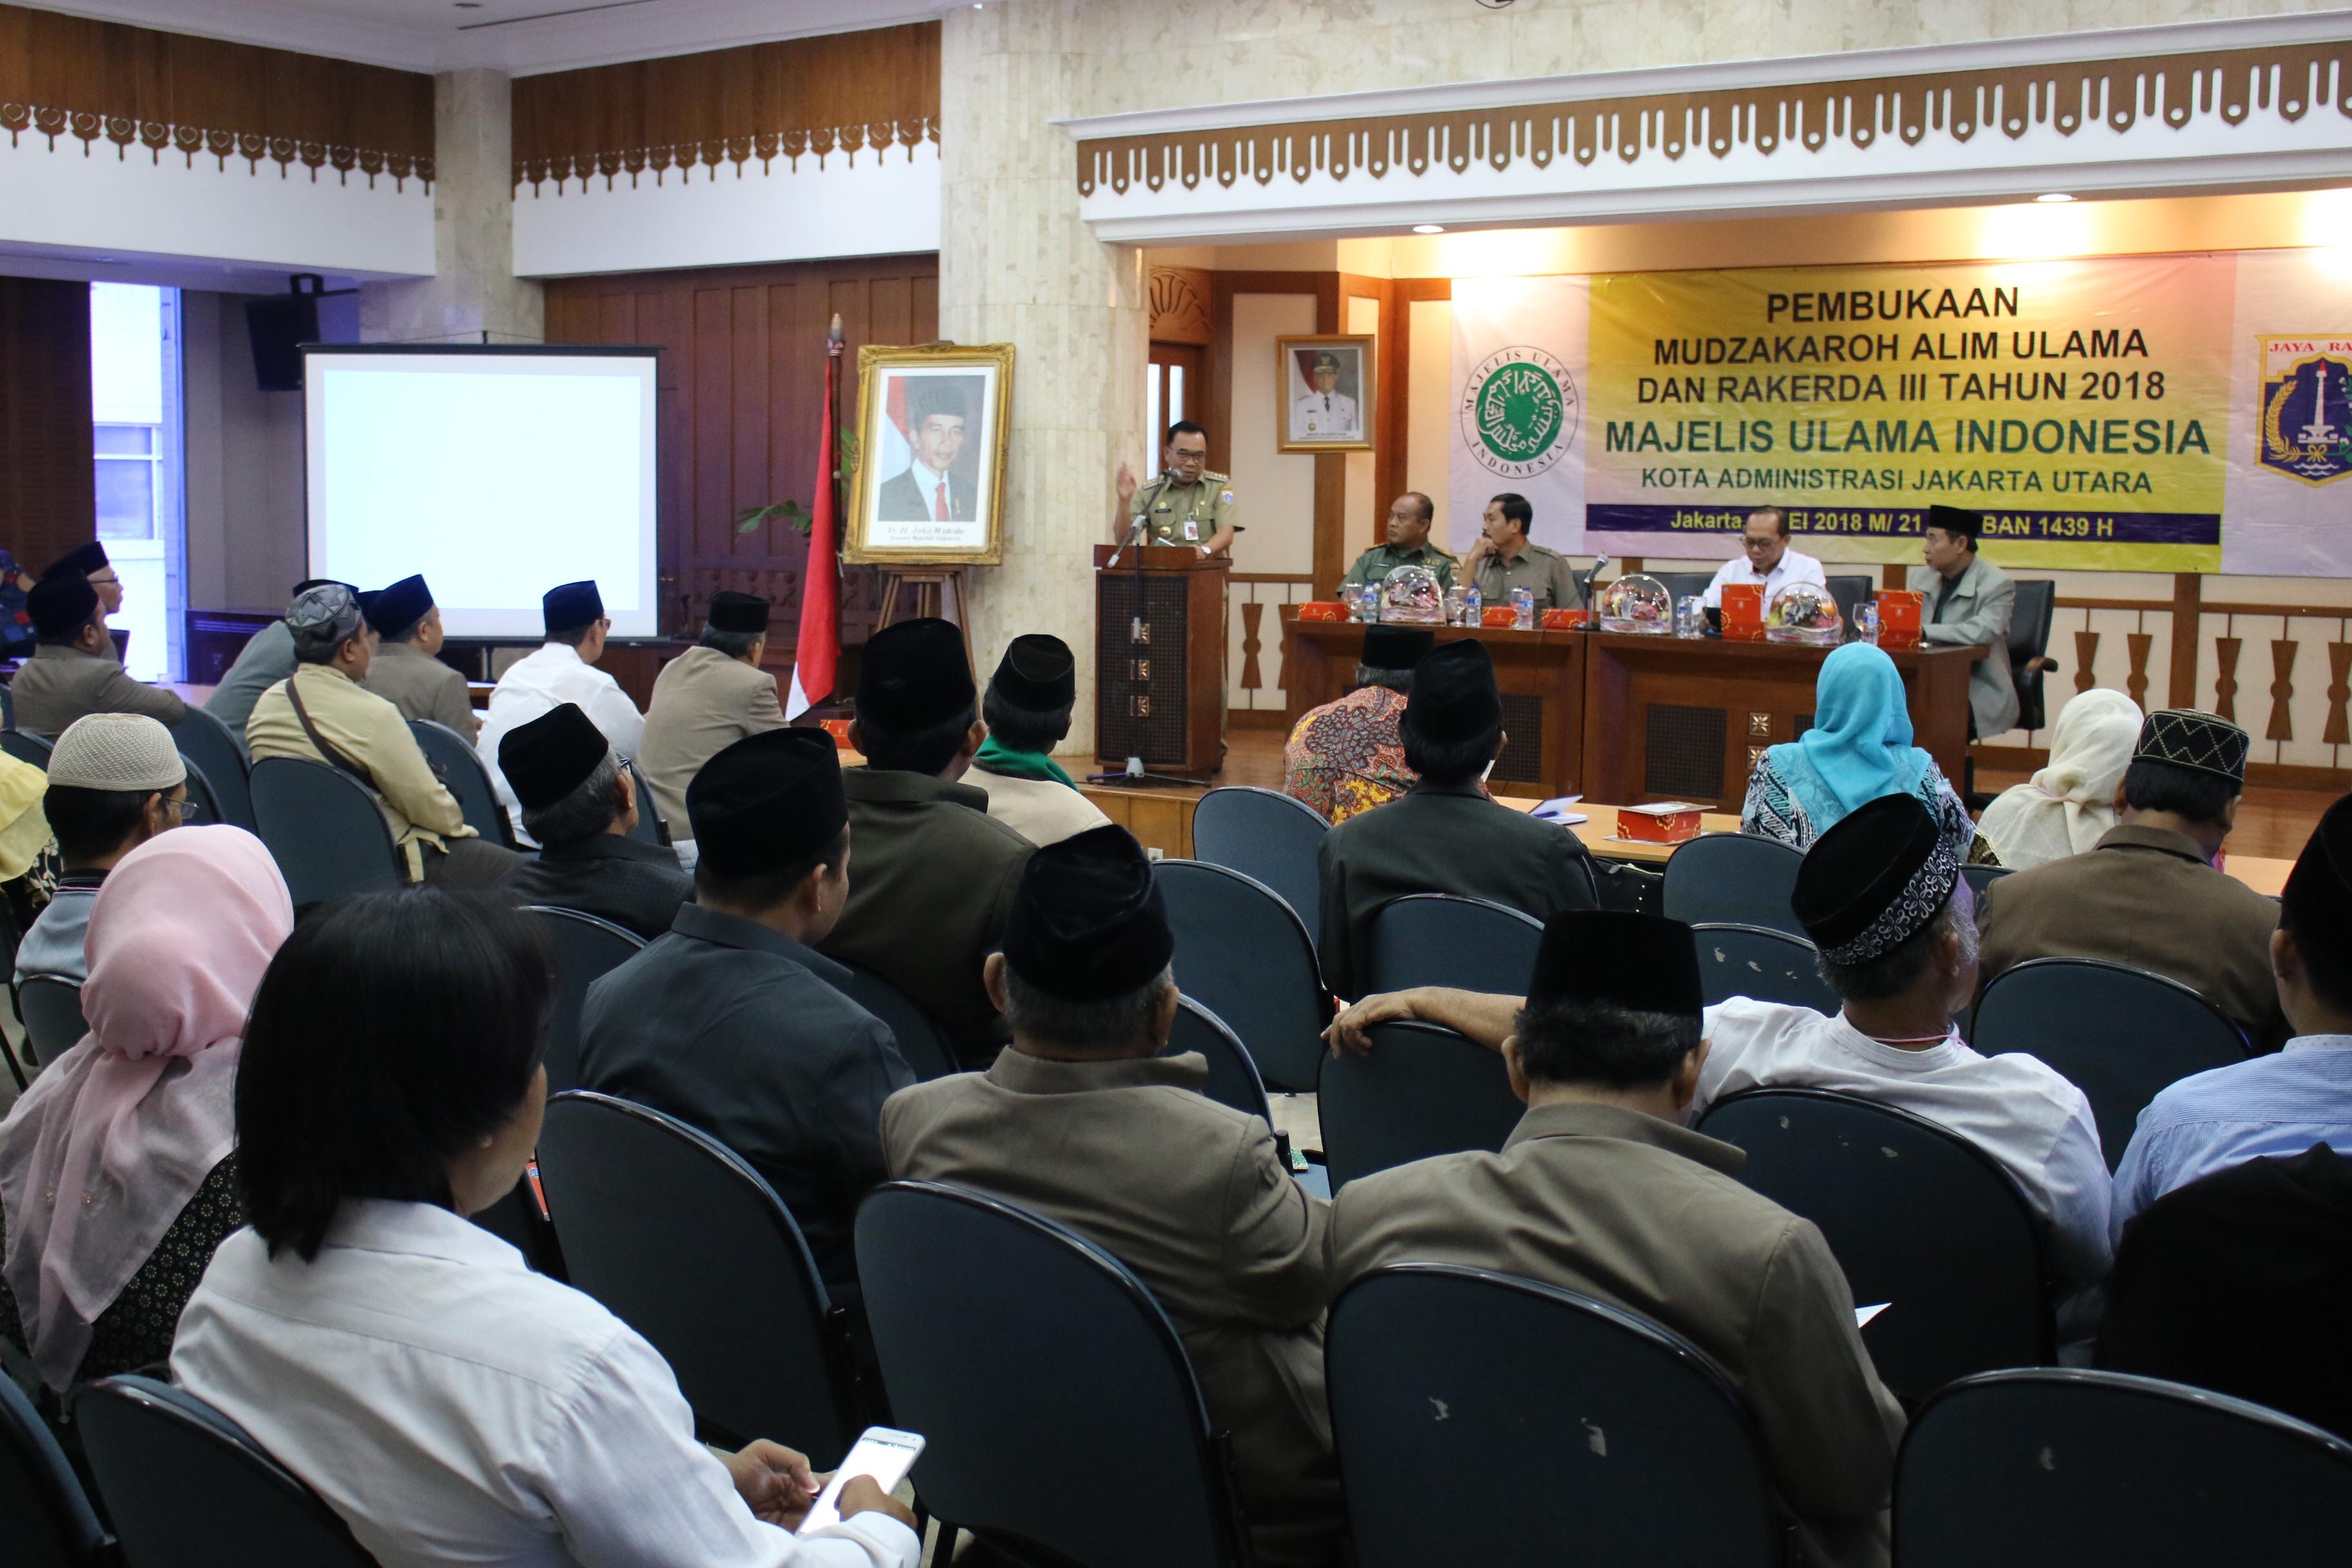 Pemerintah Kota Administrasi Jakarta Utara Walikota 1 3 Juta Warga